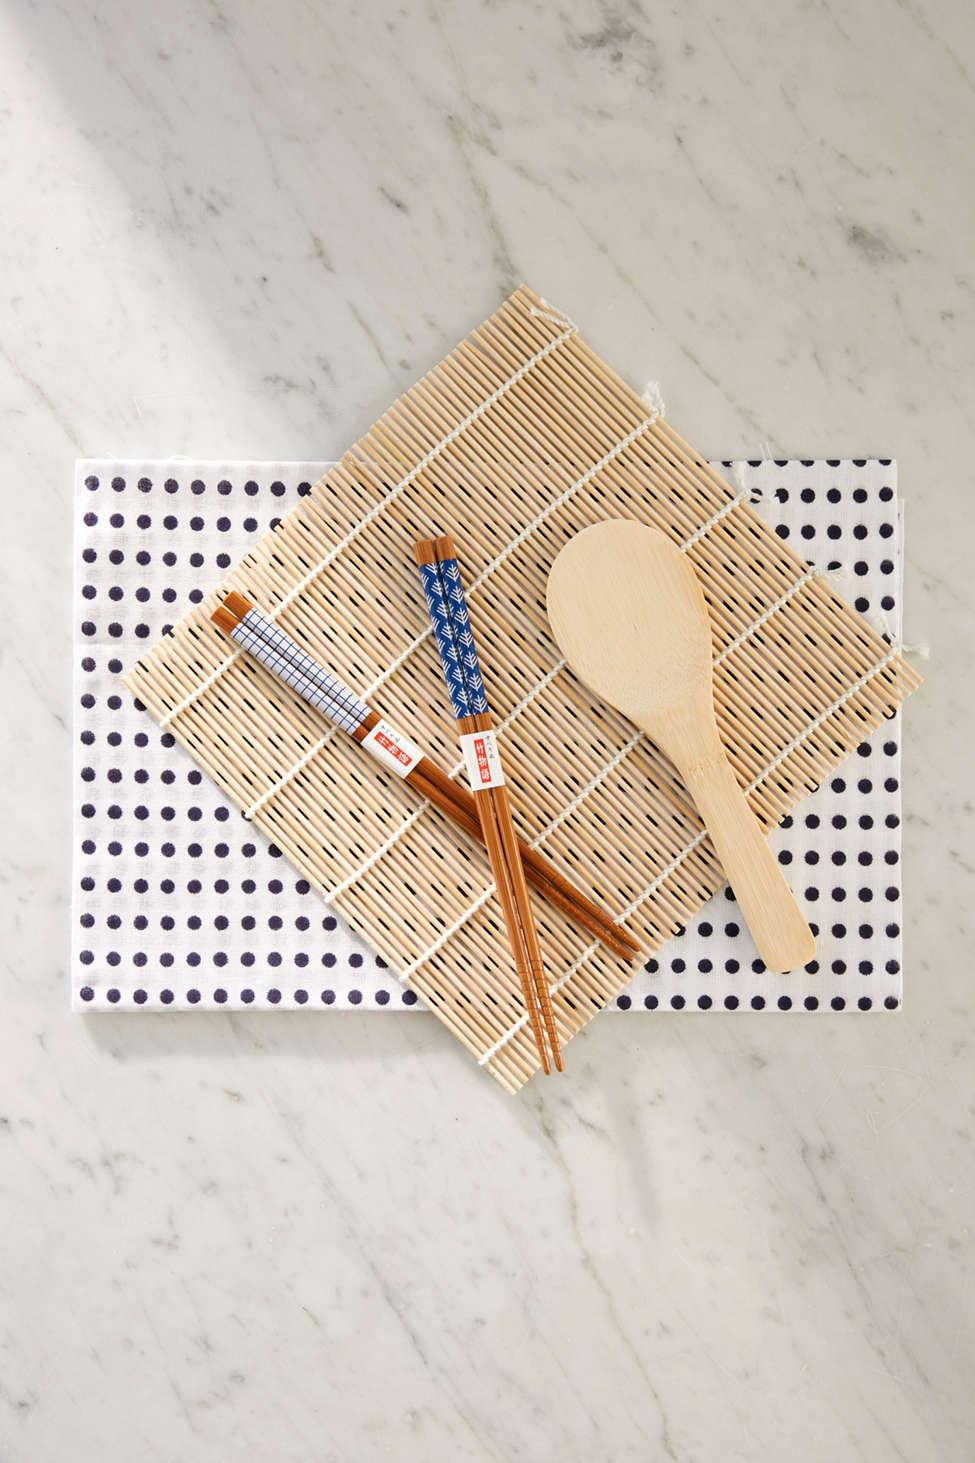 Slide View: 1: Sushi Kit